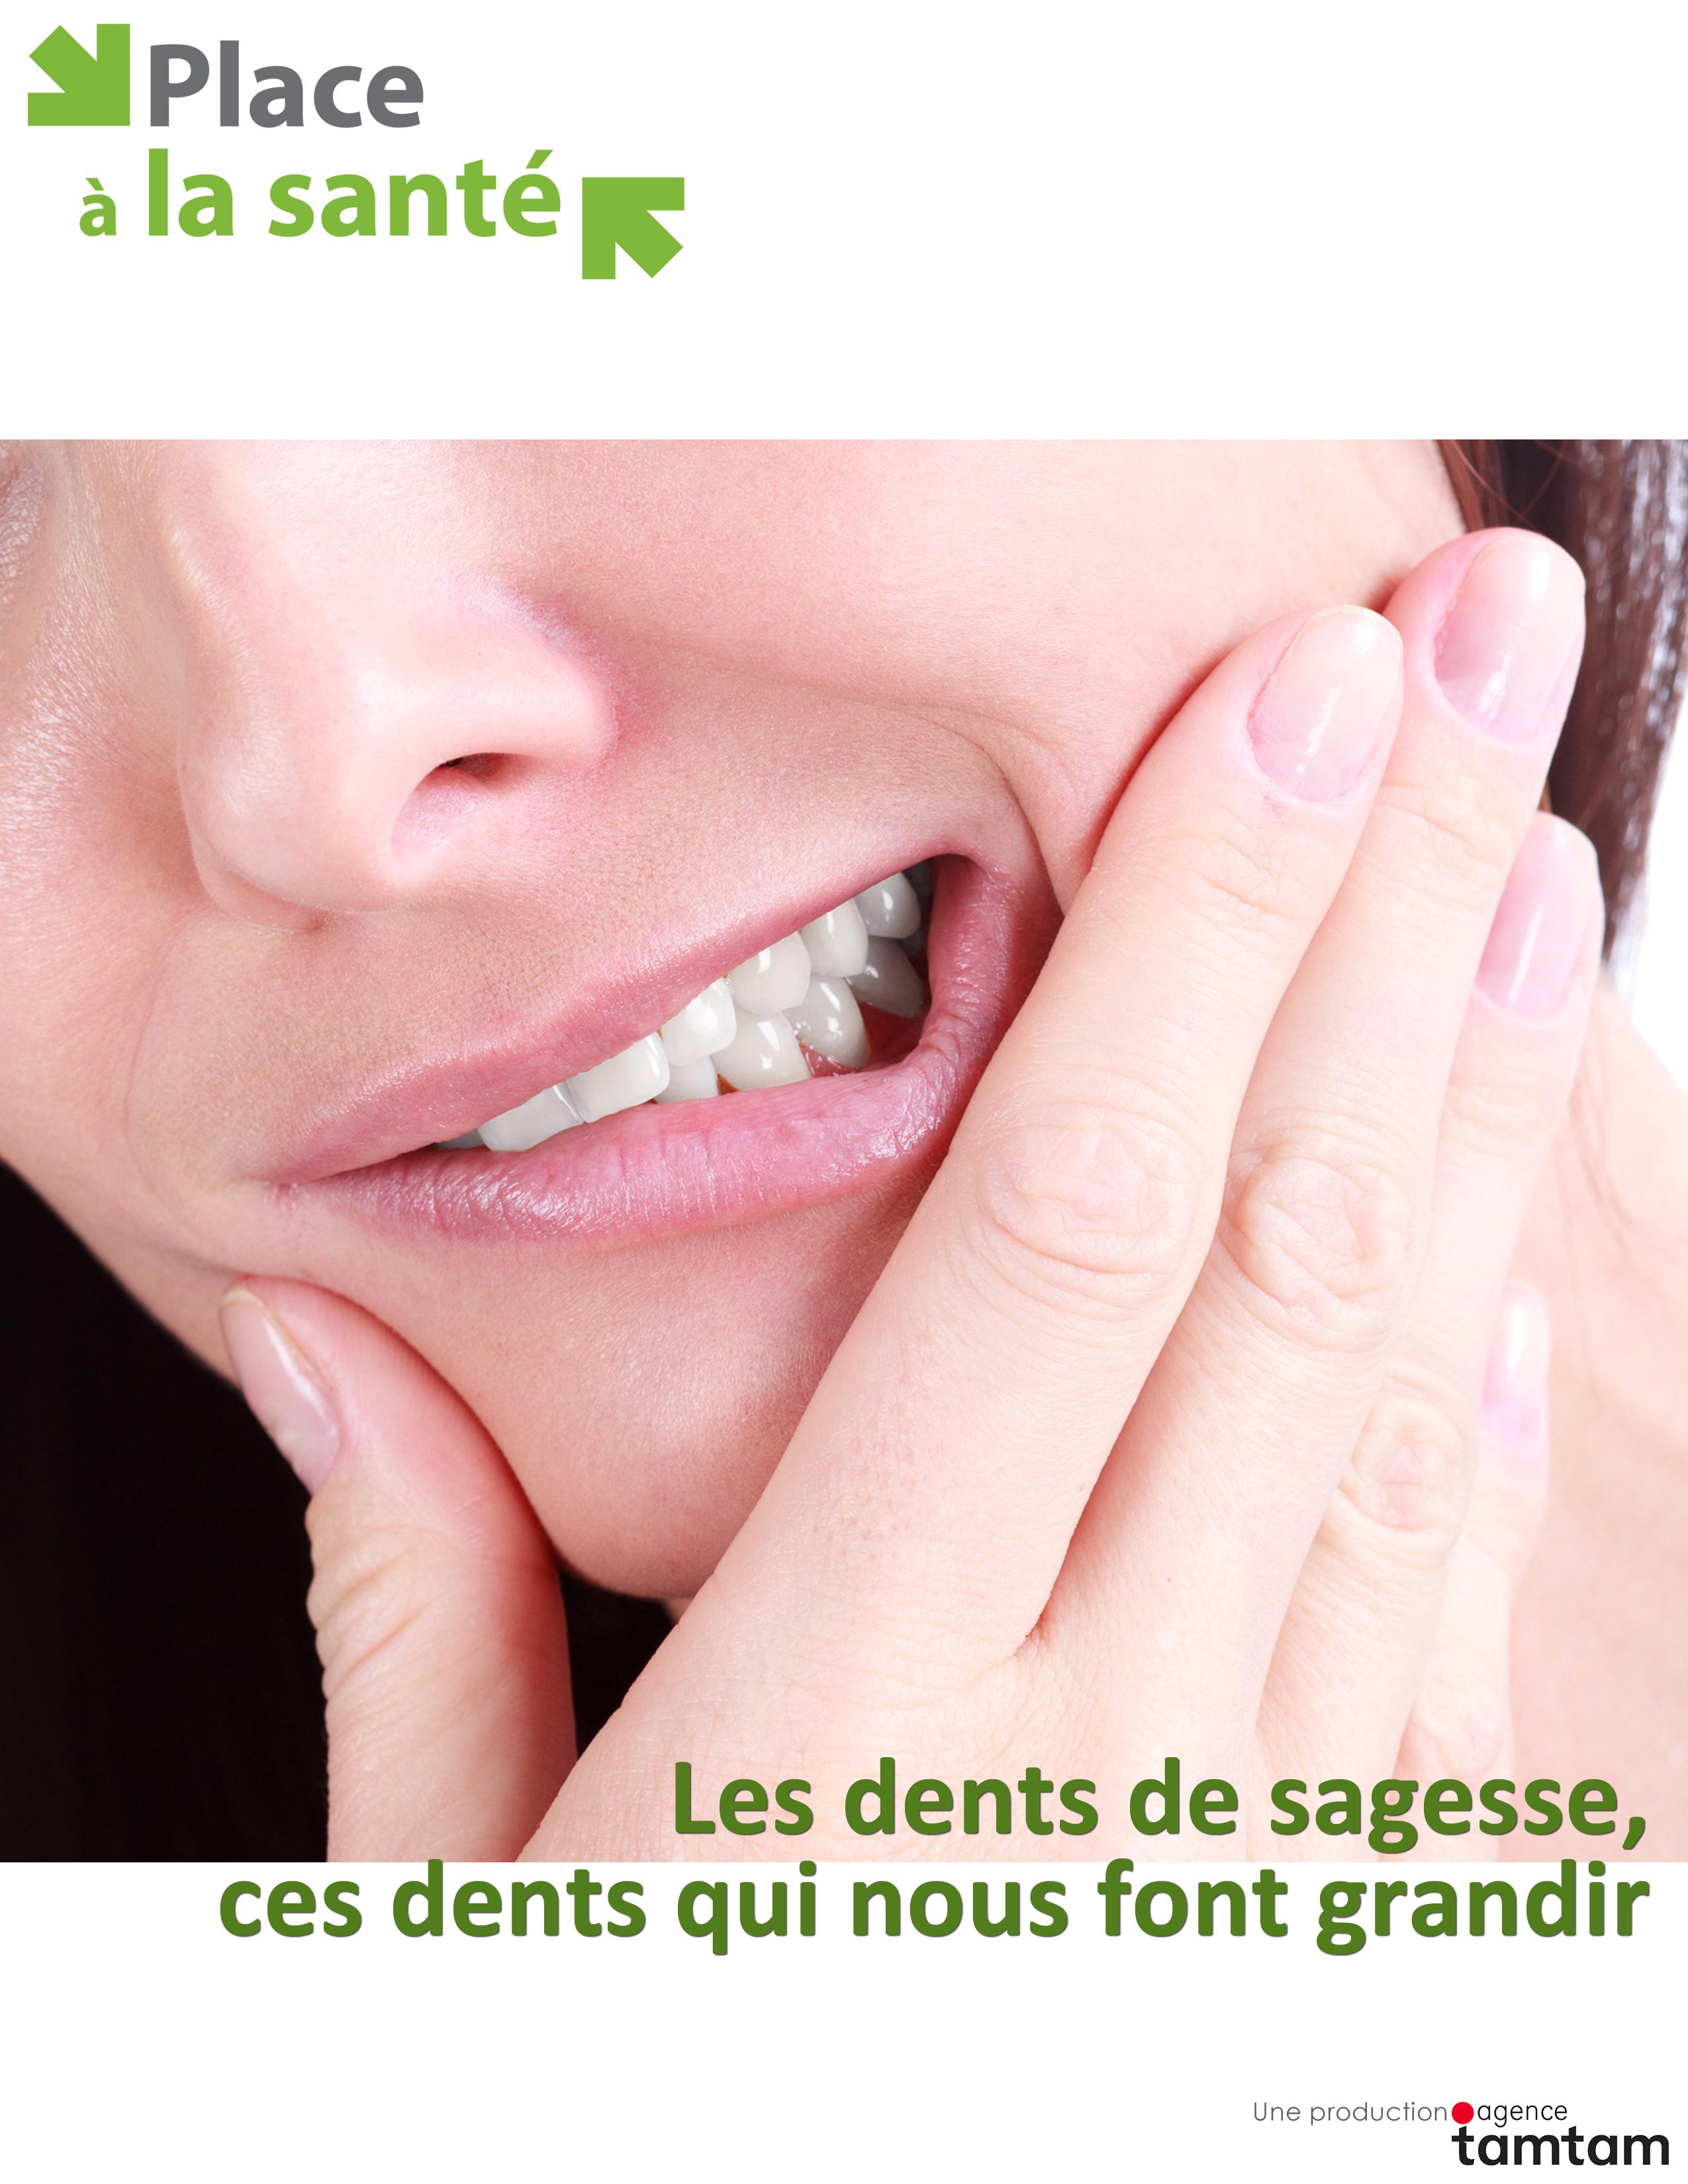 Les dents de sagesse, ces dents qui nous font grandir.